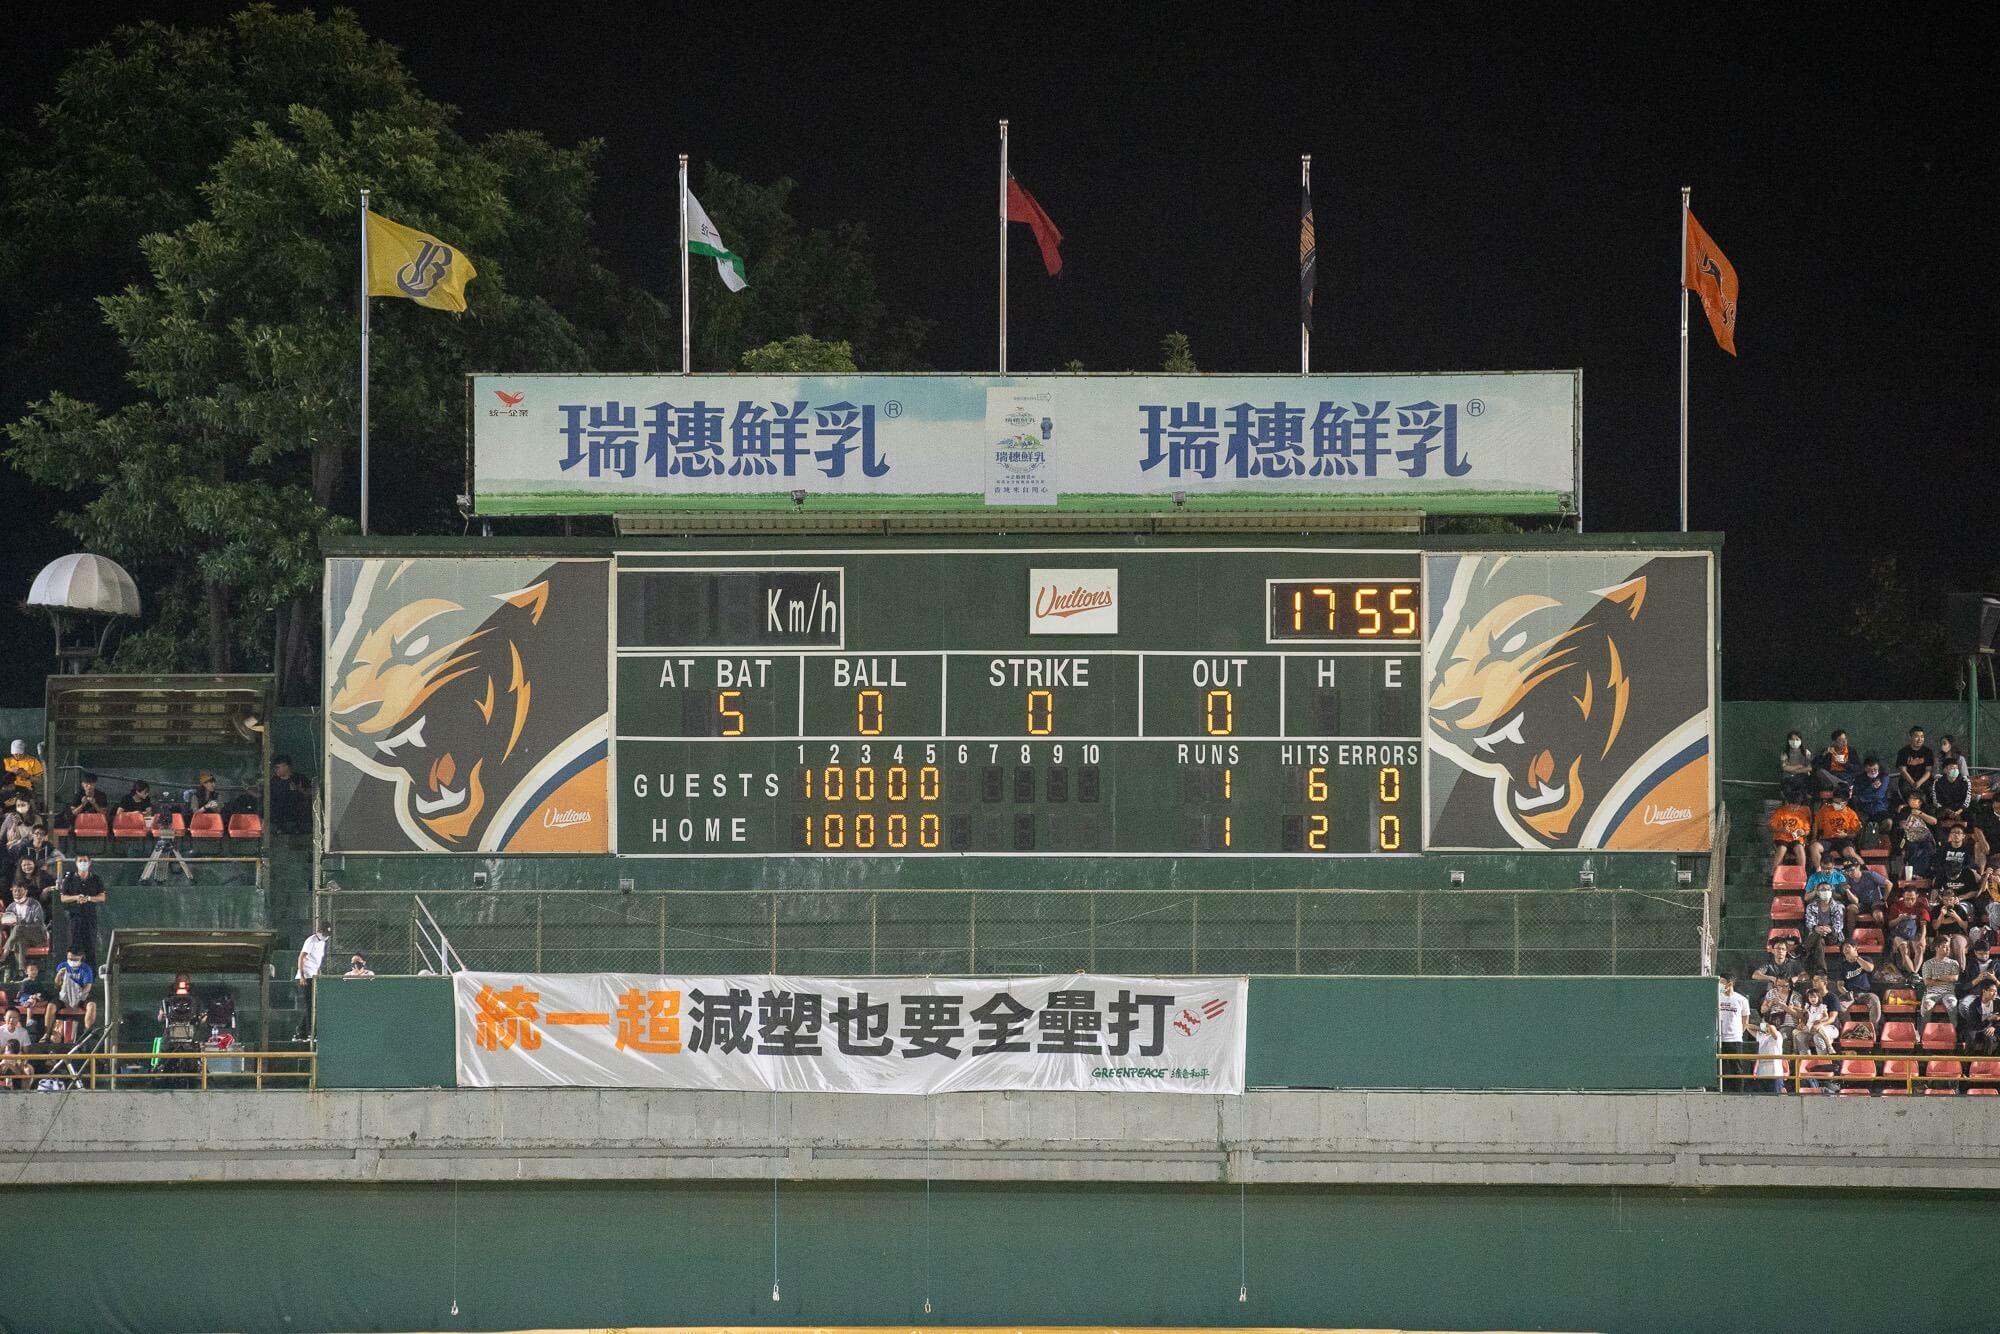 減塑好比是在一場爭冠的棒球賽,期待統一超商在減塑比賽中打出全壘打。© Greenpeace